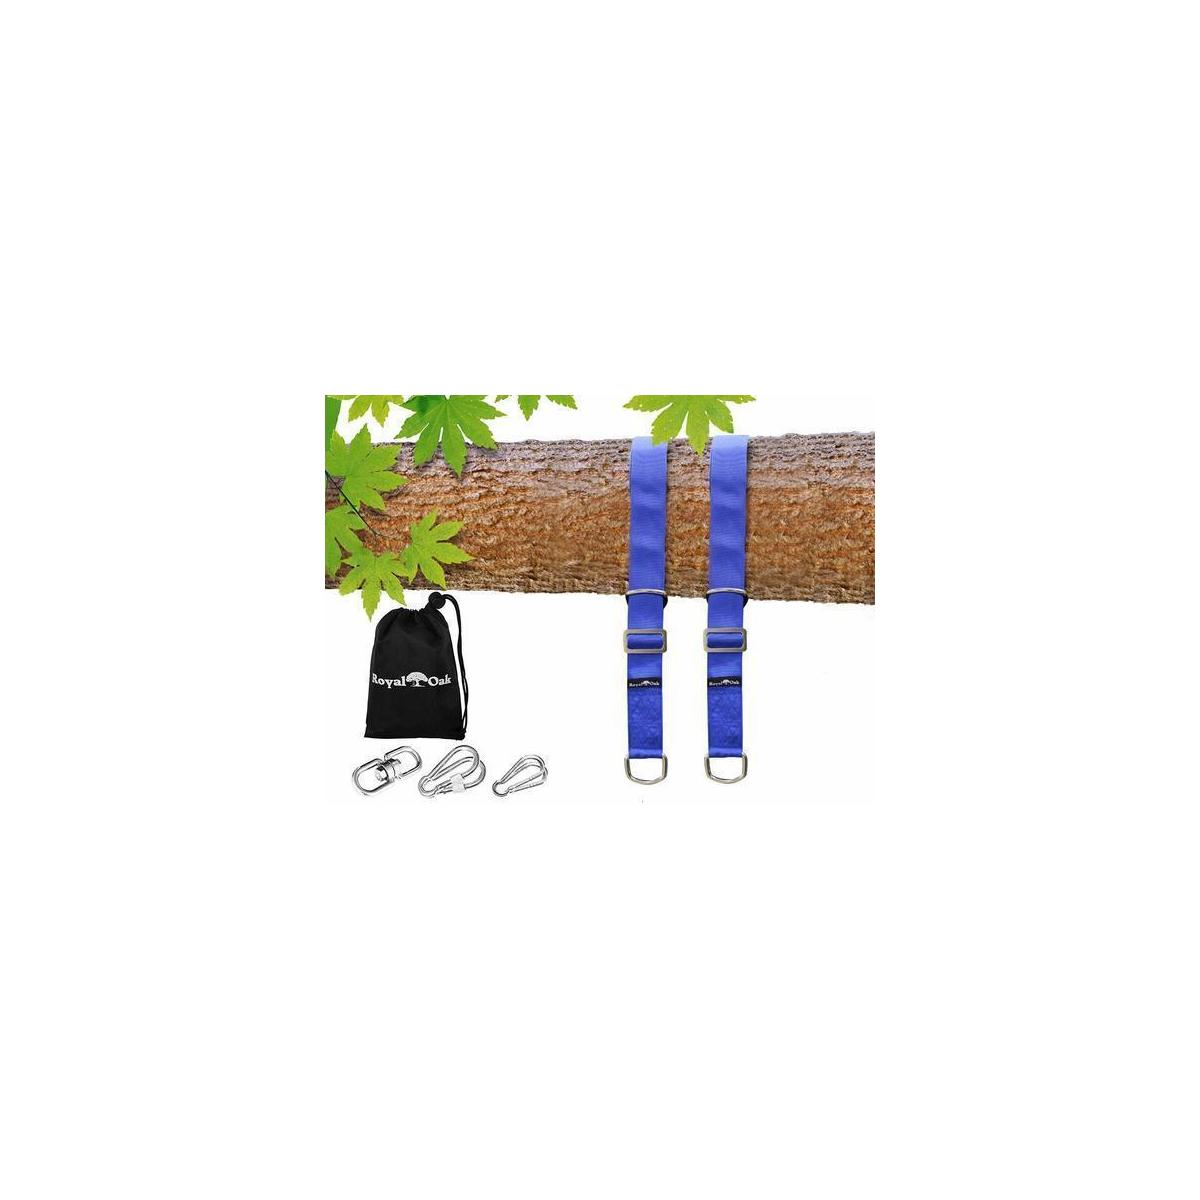 8' Adjustable Hanging Kit in Blue by Royal Oak